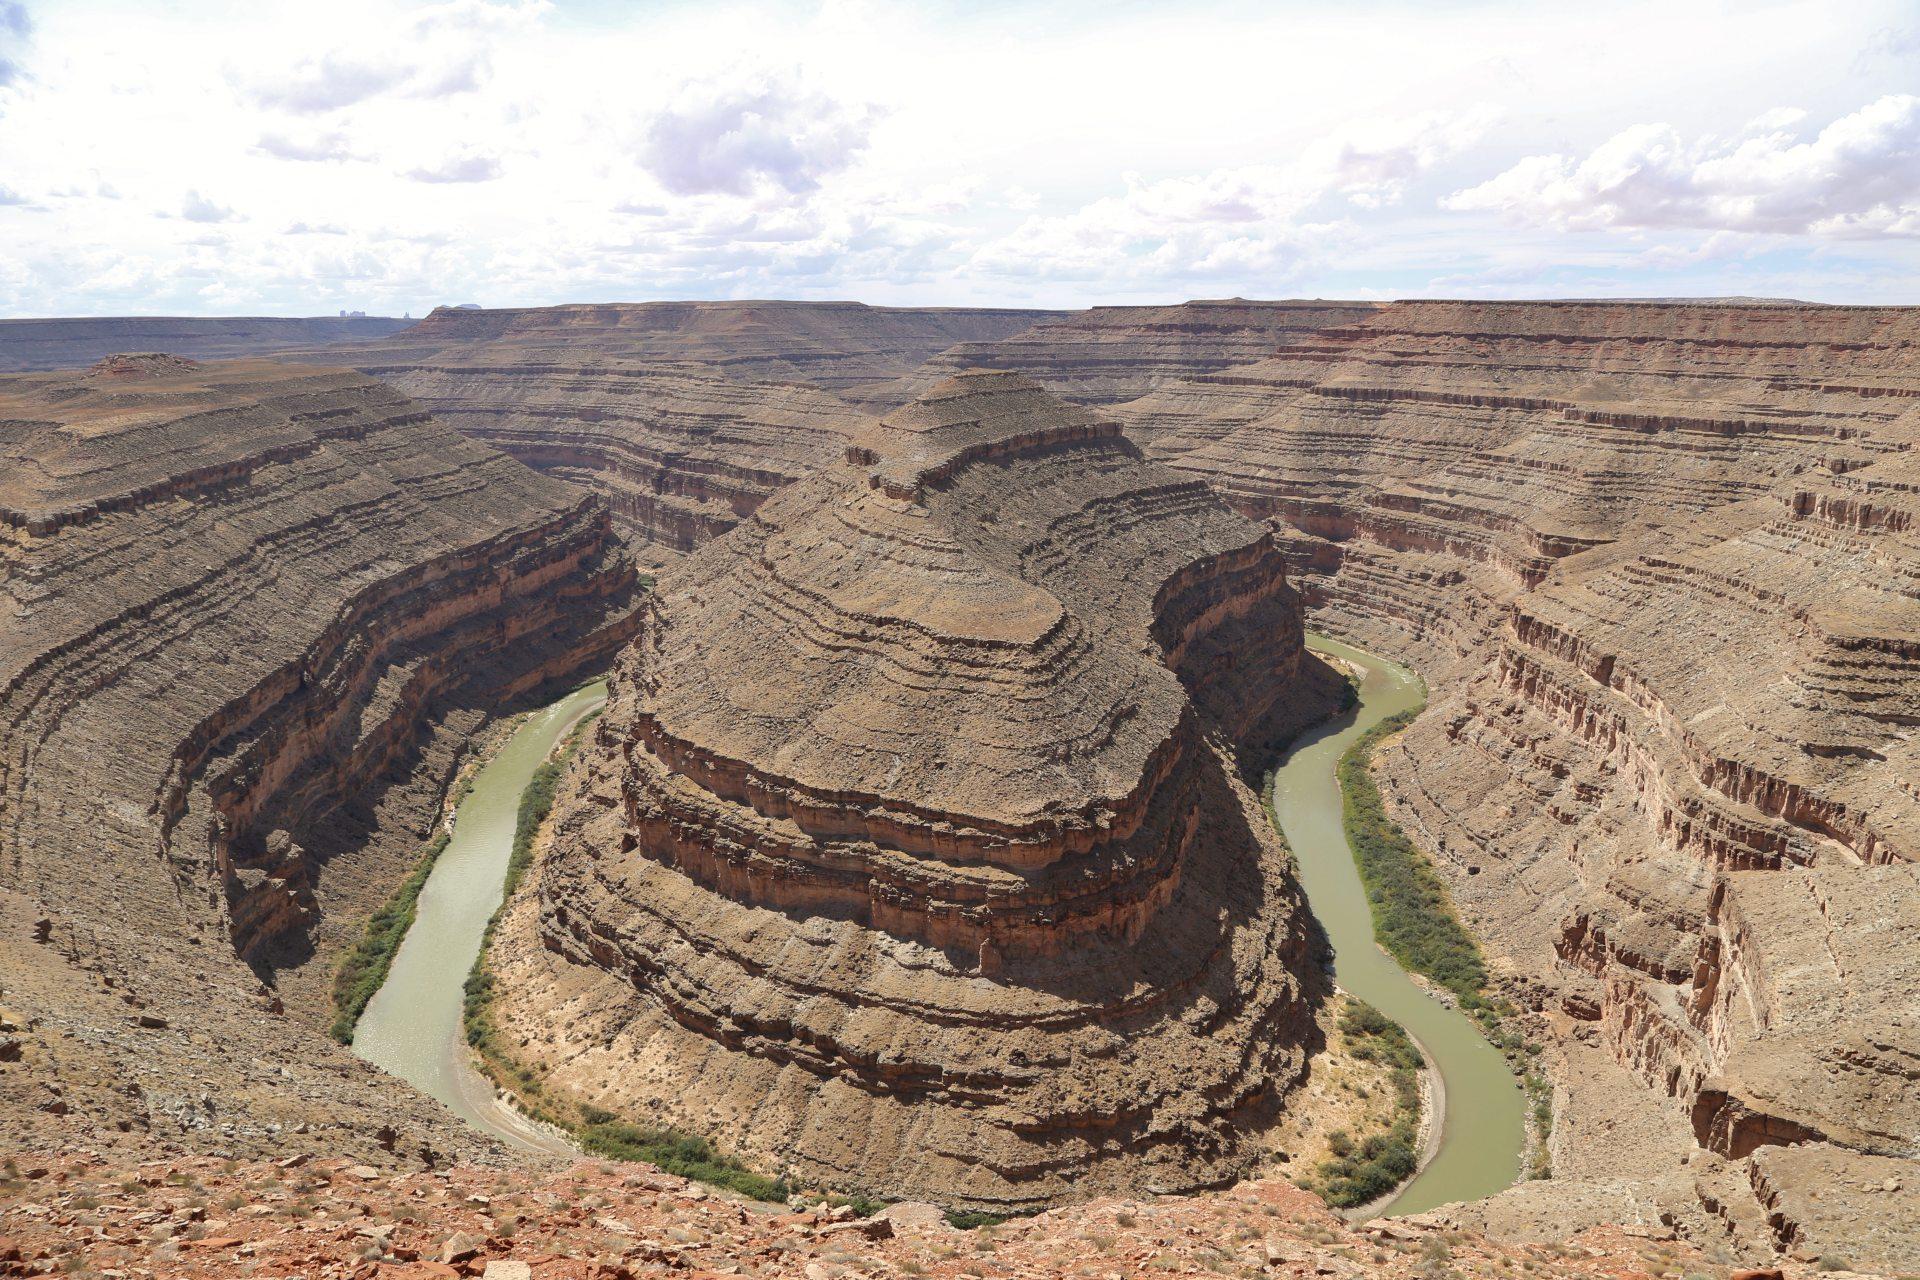 Ganz tief gräbt sich der Colorado River als Gooseneck in den Boden .. - Aussichtspunkt, Erosion, Felswände, Fluss, Flusslauf, Flussschlinge, Goosenecks, Goosenecks State Park, Himmel, Klippen, San Juan River, Schlucht, Steilwand, Utah, Wasser, Wolken - (Mexican Hat, Utah, Vereinigte Staaten)